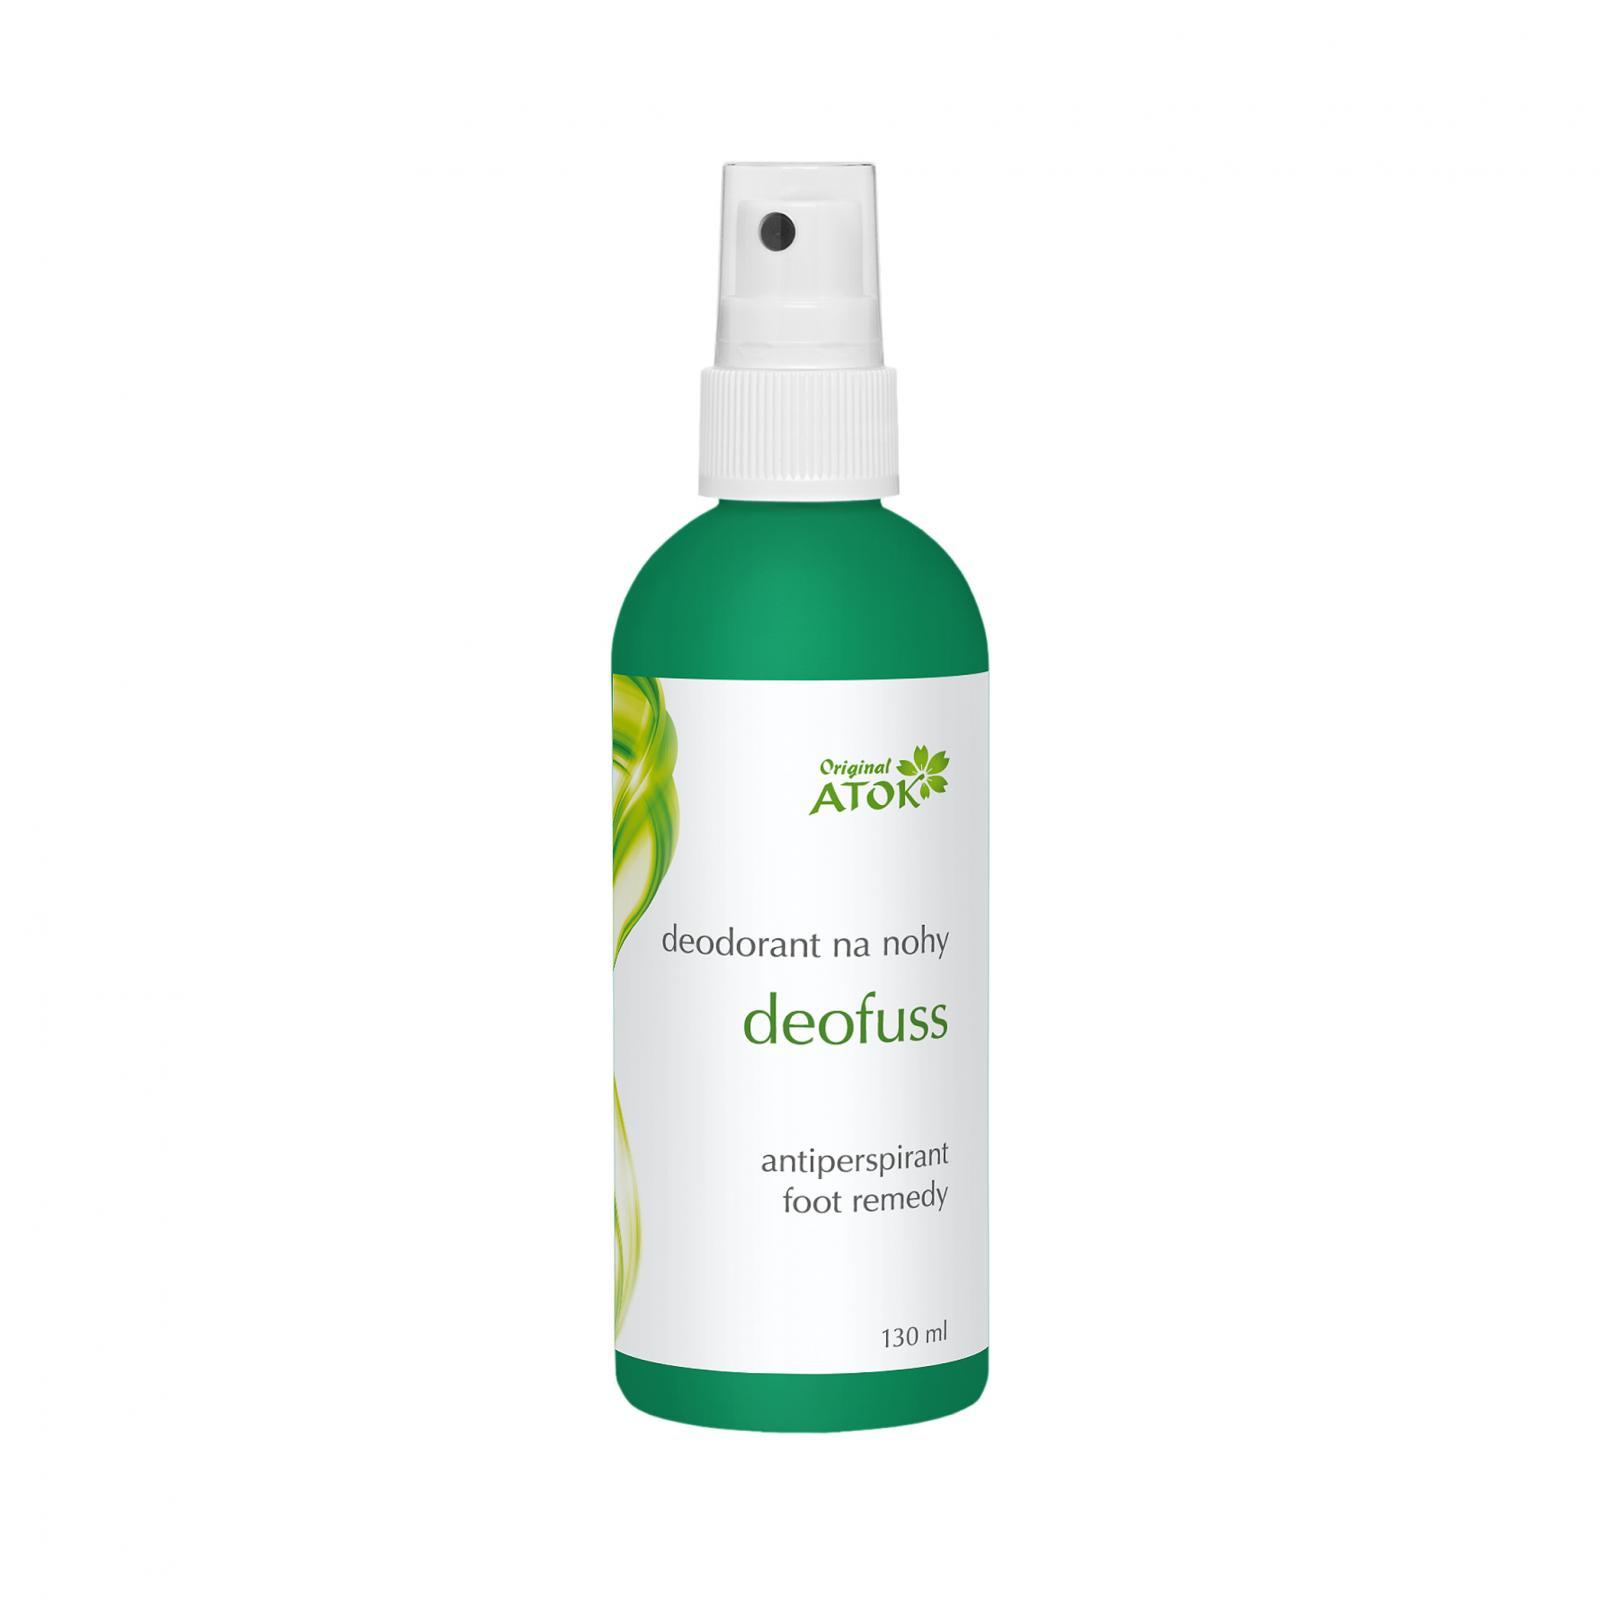 Original ATOK Deodorant na nohy Deofuss 130 ml